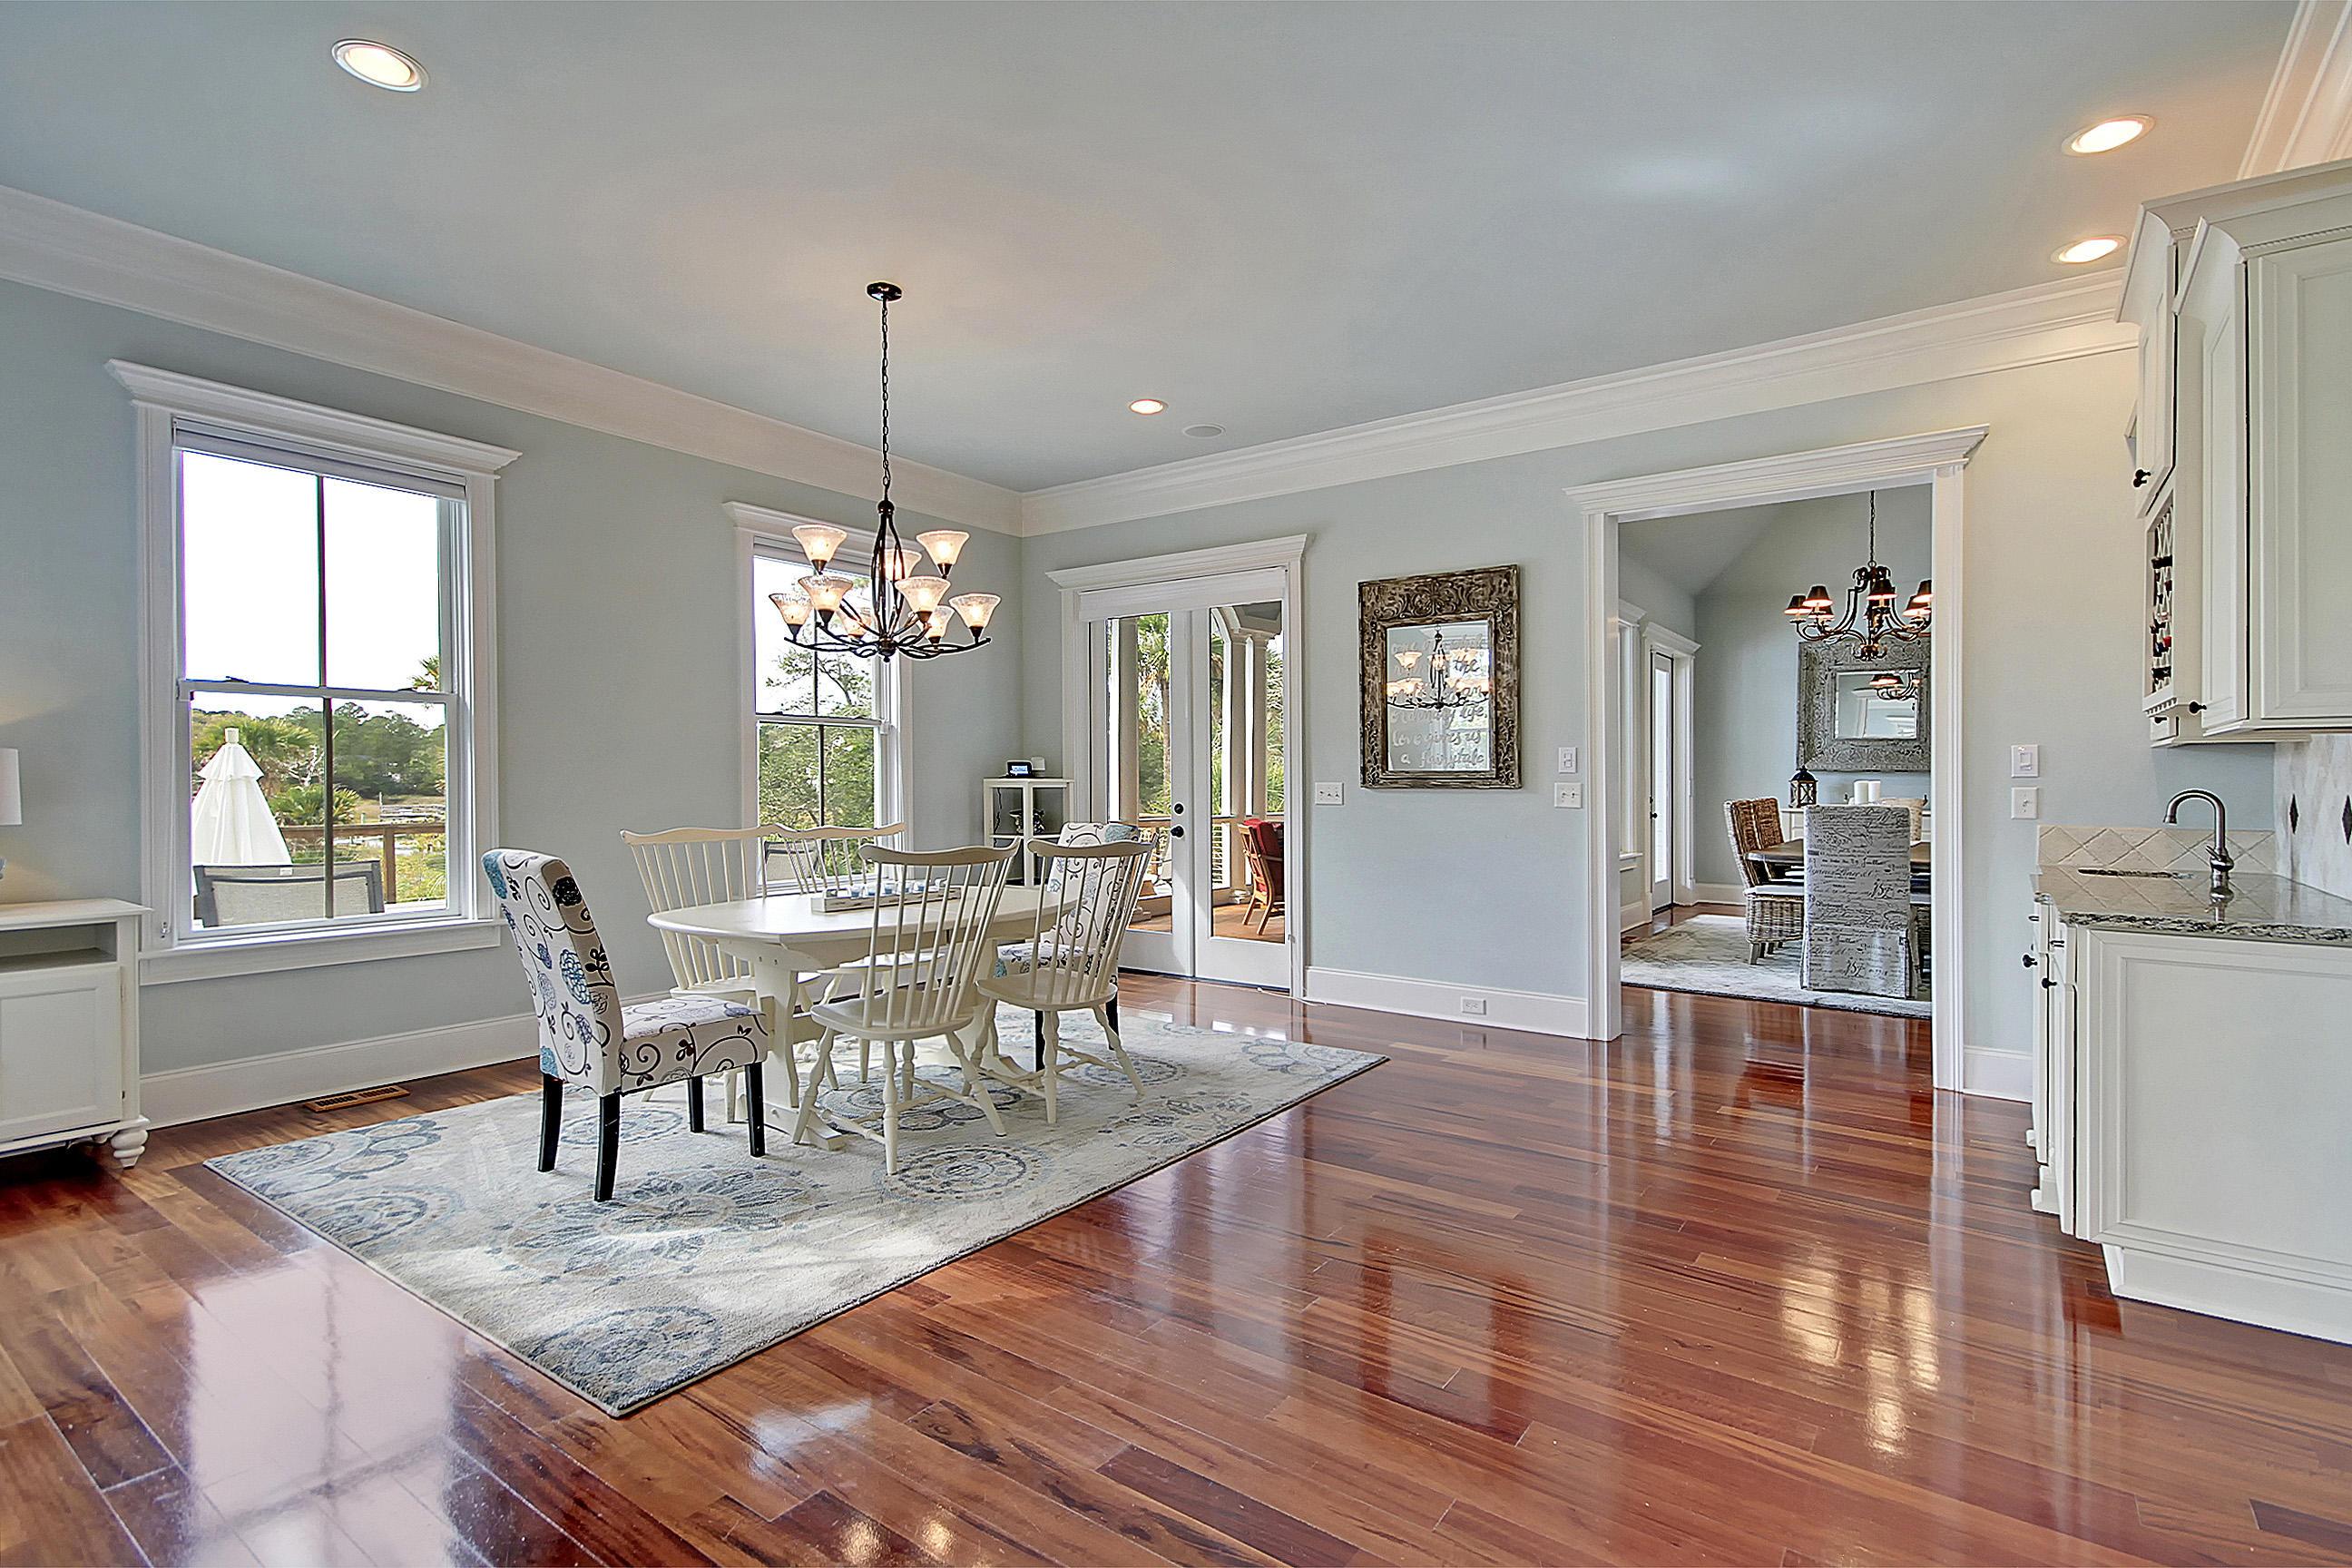 Park West Homes For Sale - 3940 Ashton Shore, Mount Pleasant, SC - 57